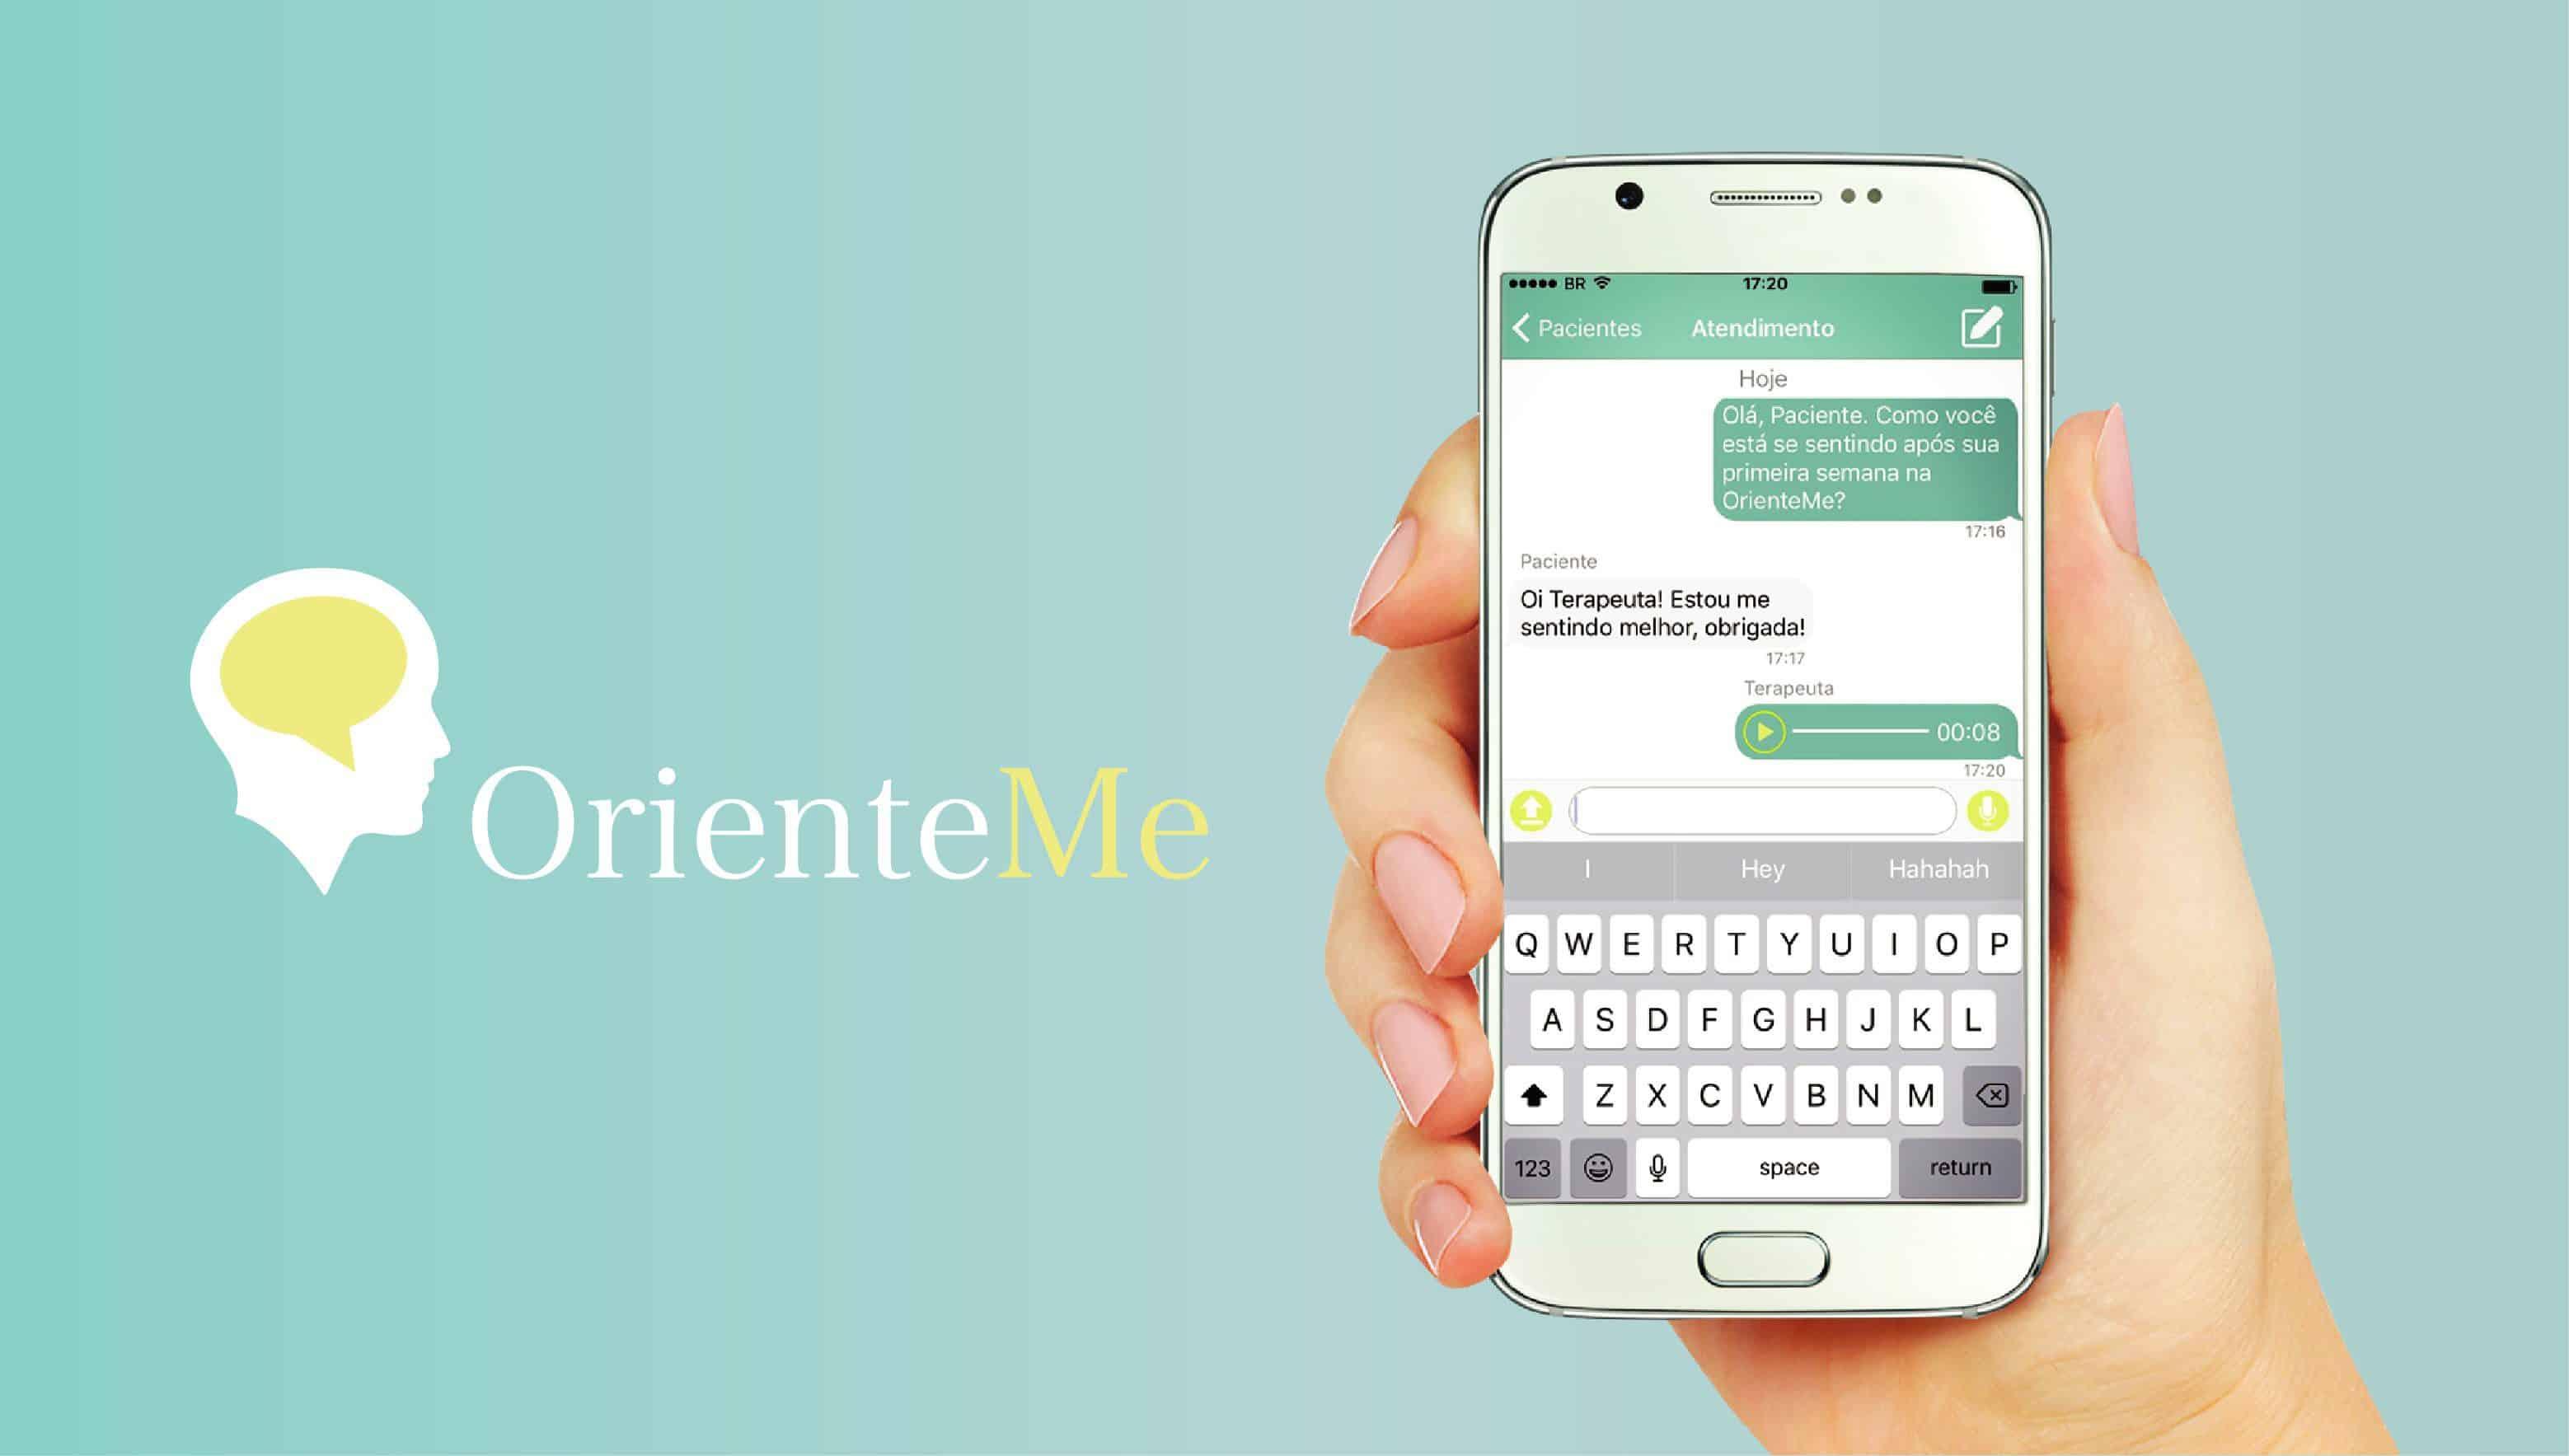 OK OrienteMe Logo Celular Vetor